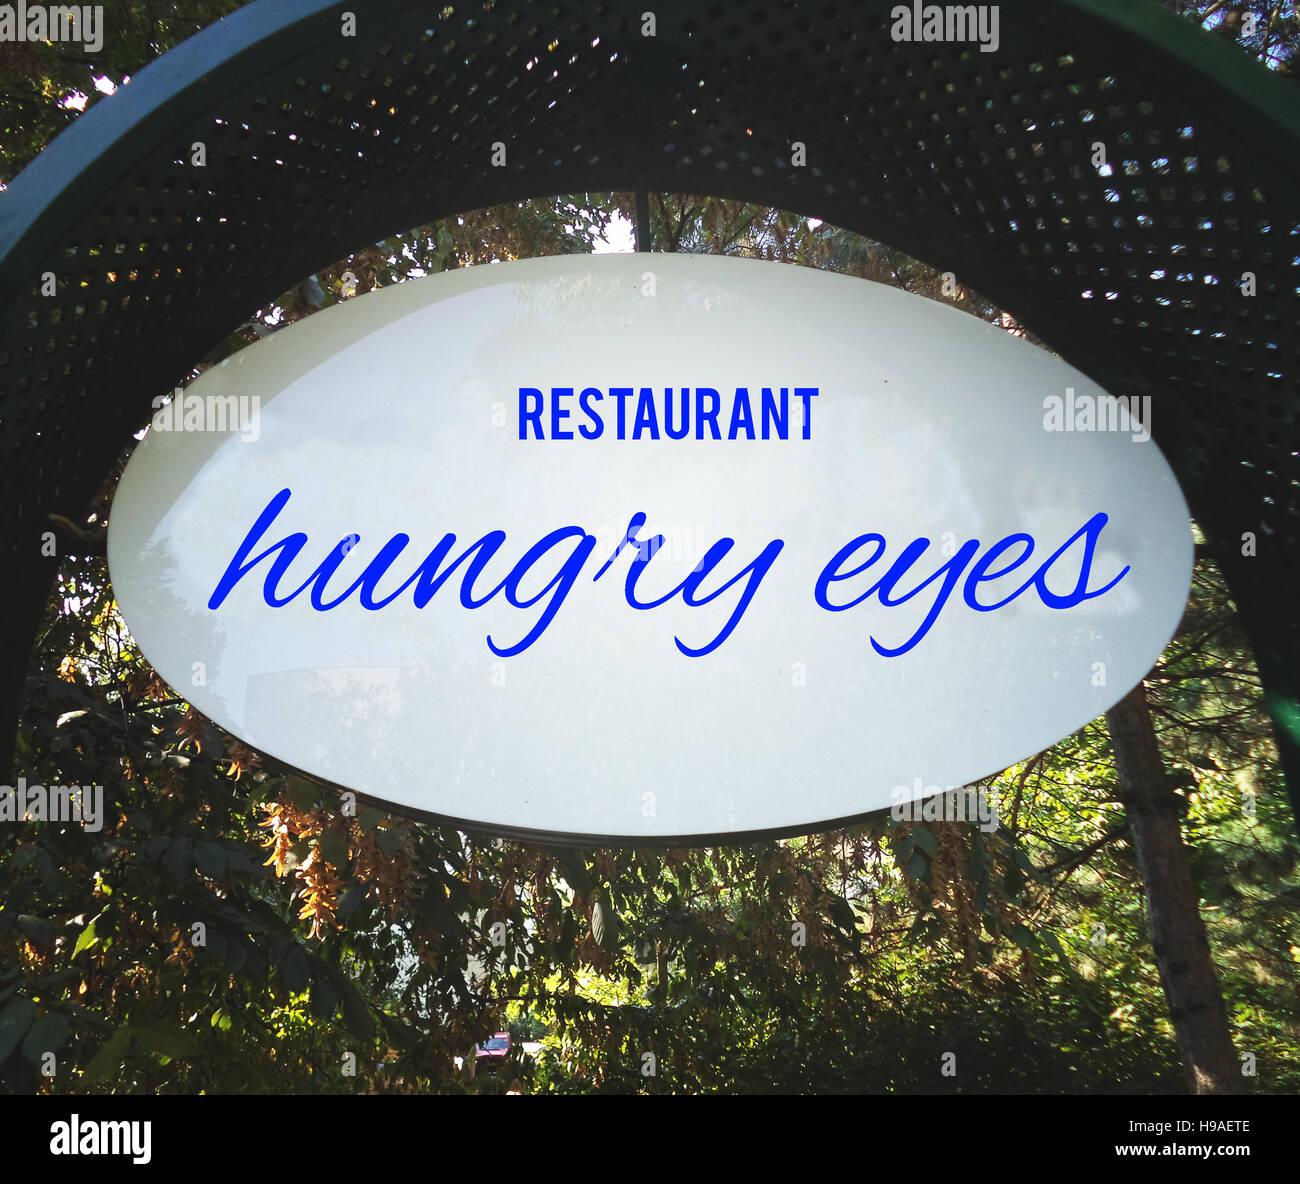 Ristorante, hangry occhi sfondi, textures, motivazione, poster, citazioni, immagine sfocata Immagini Stock